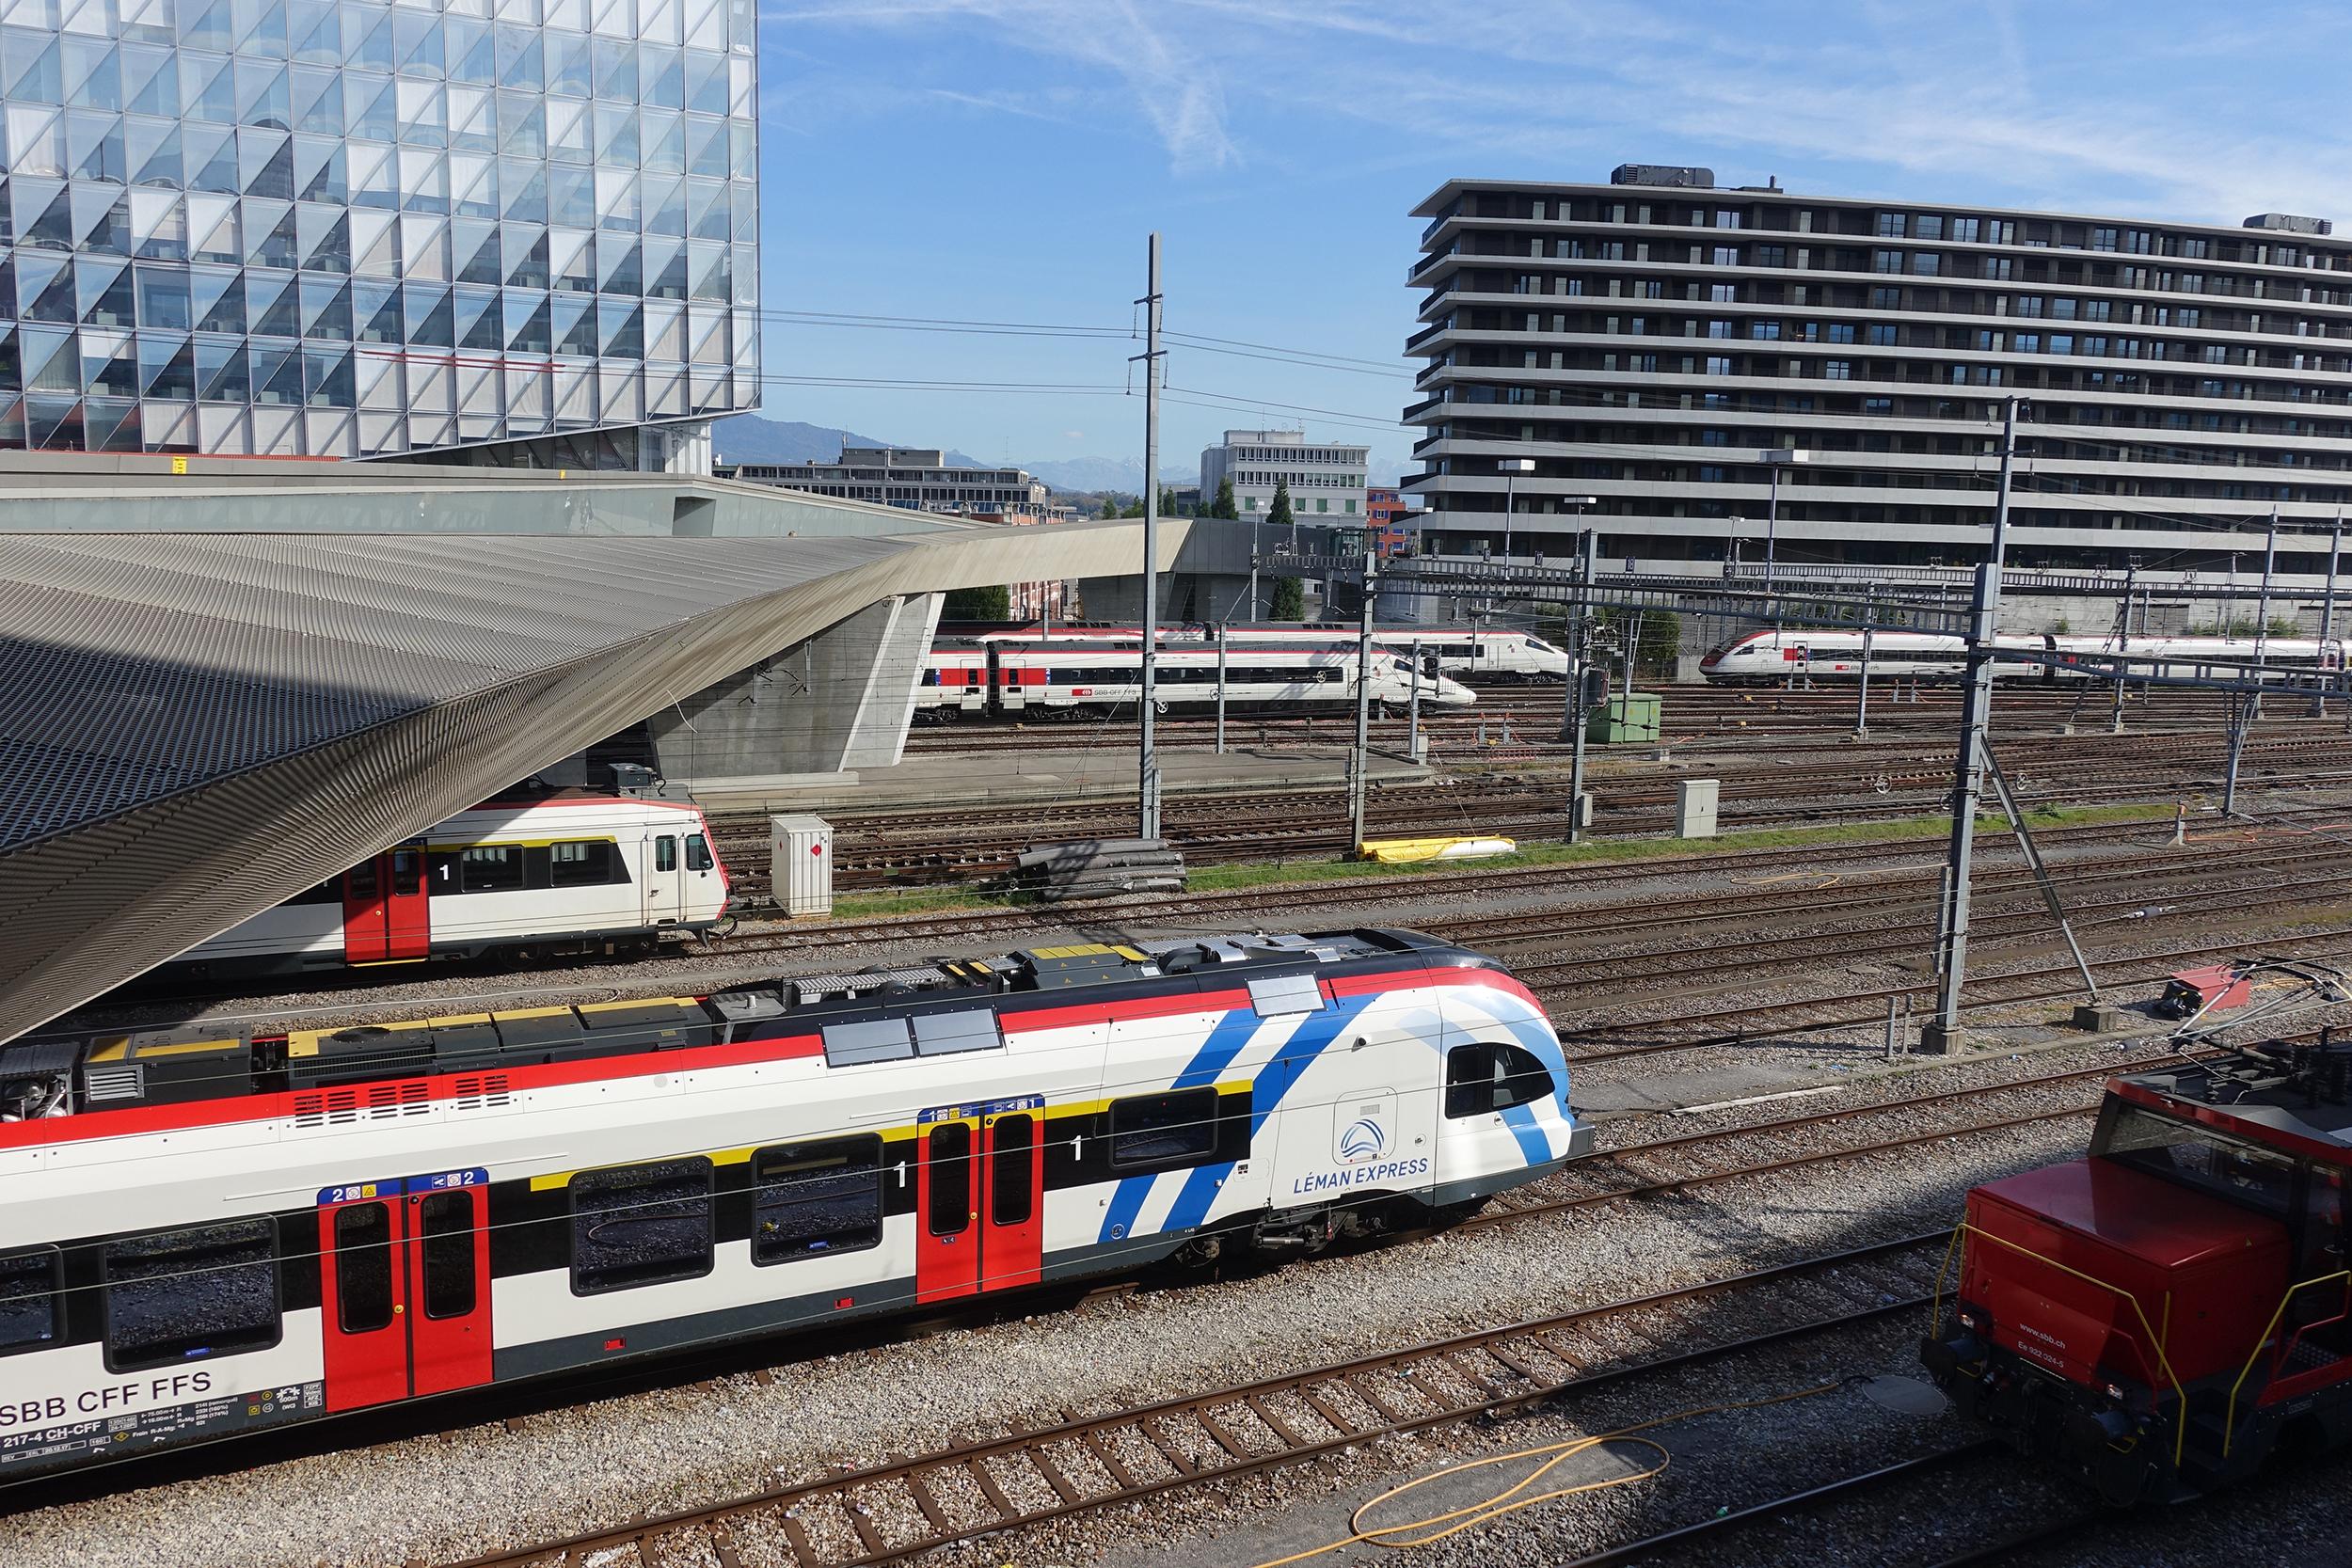 Séance publique Léman Express - Genève rive droite